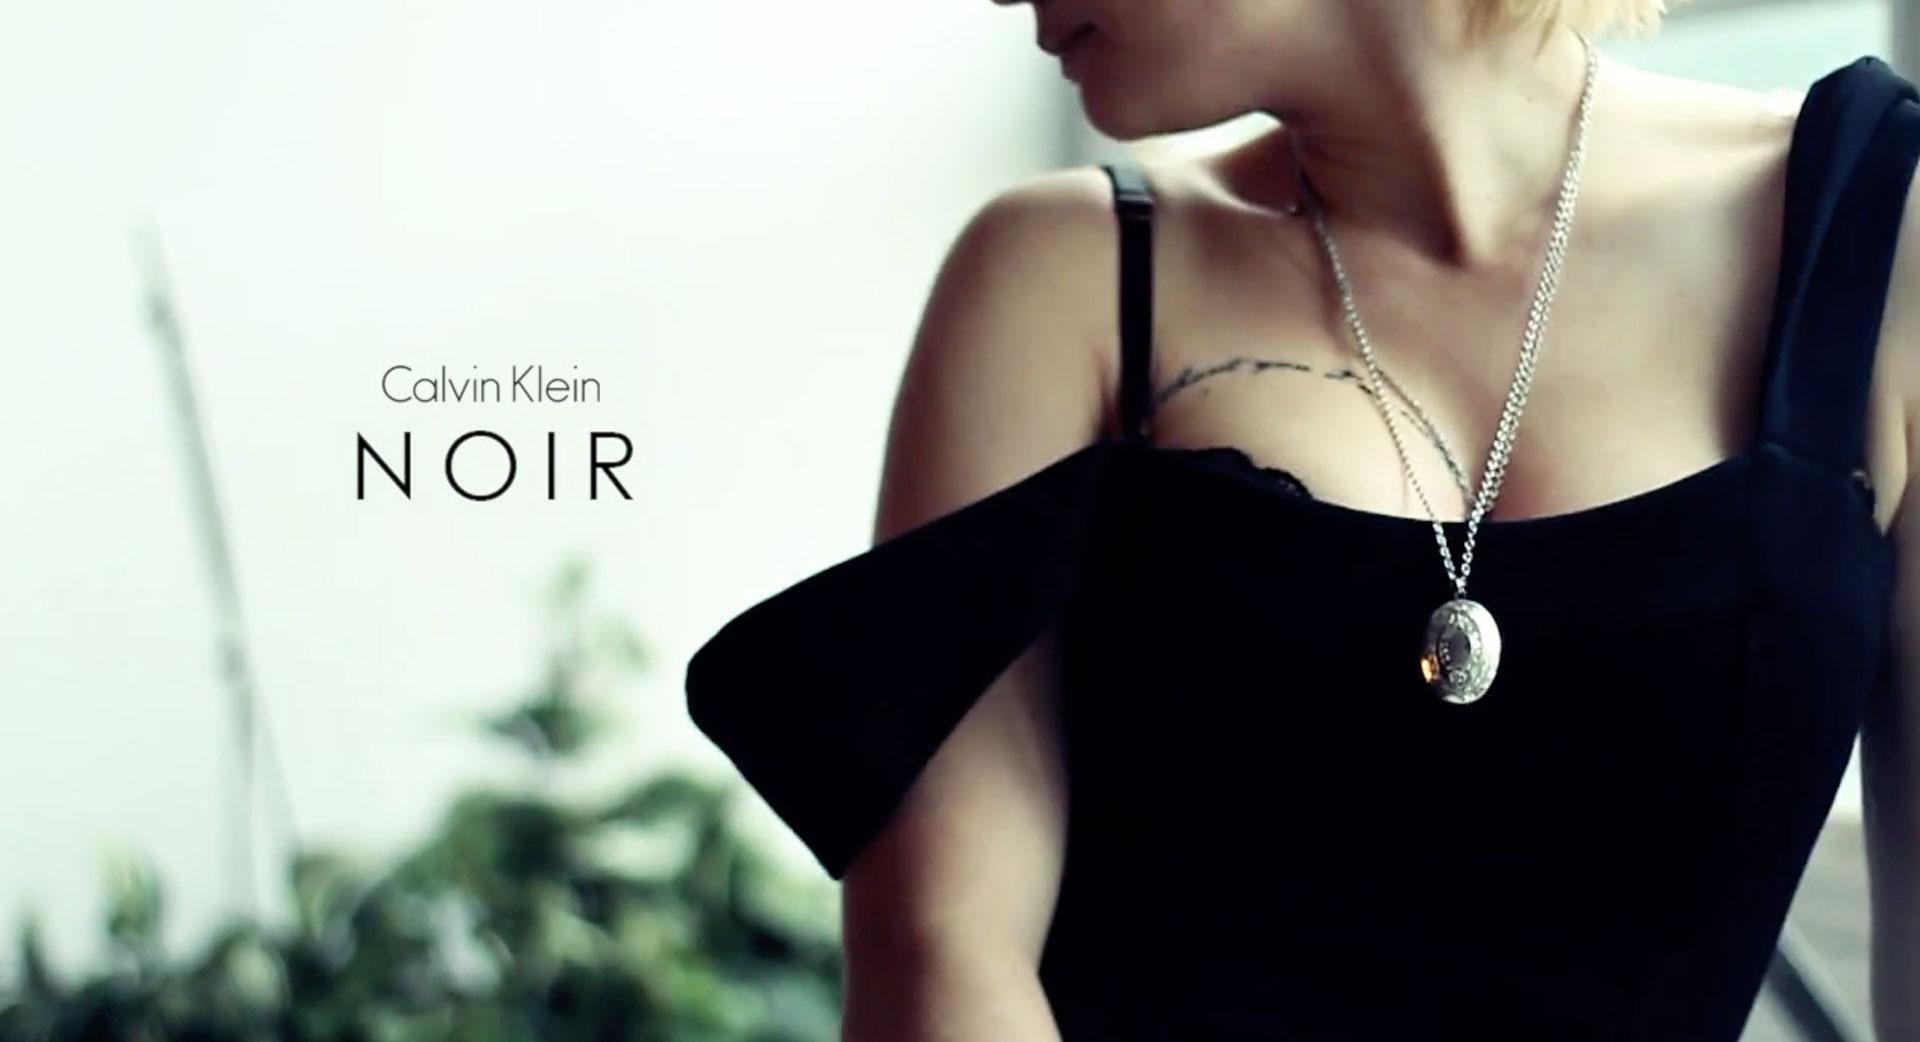 Calvin Klein NOIR